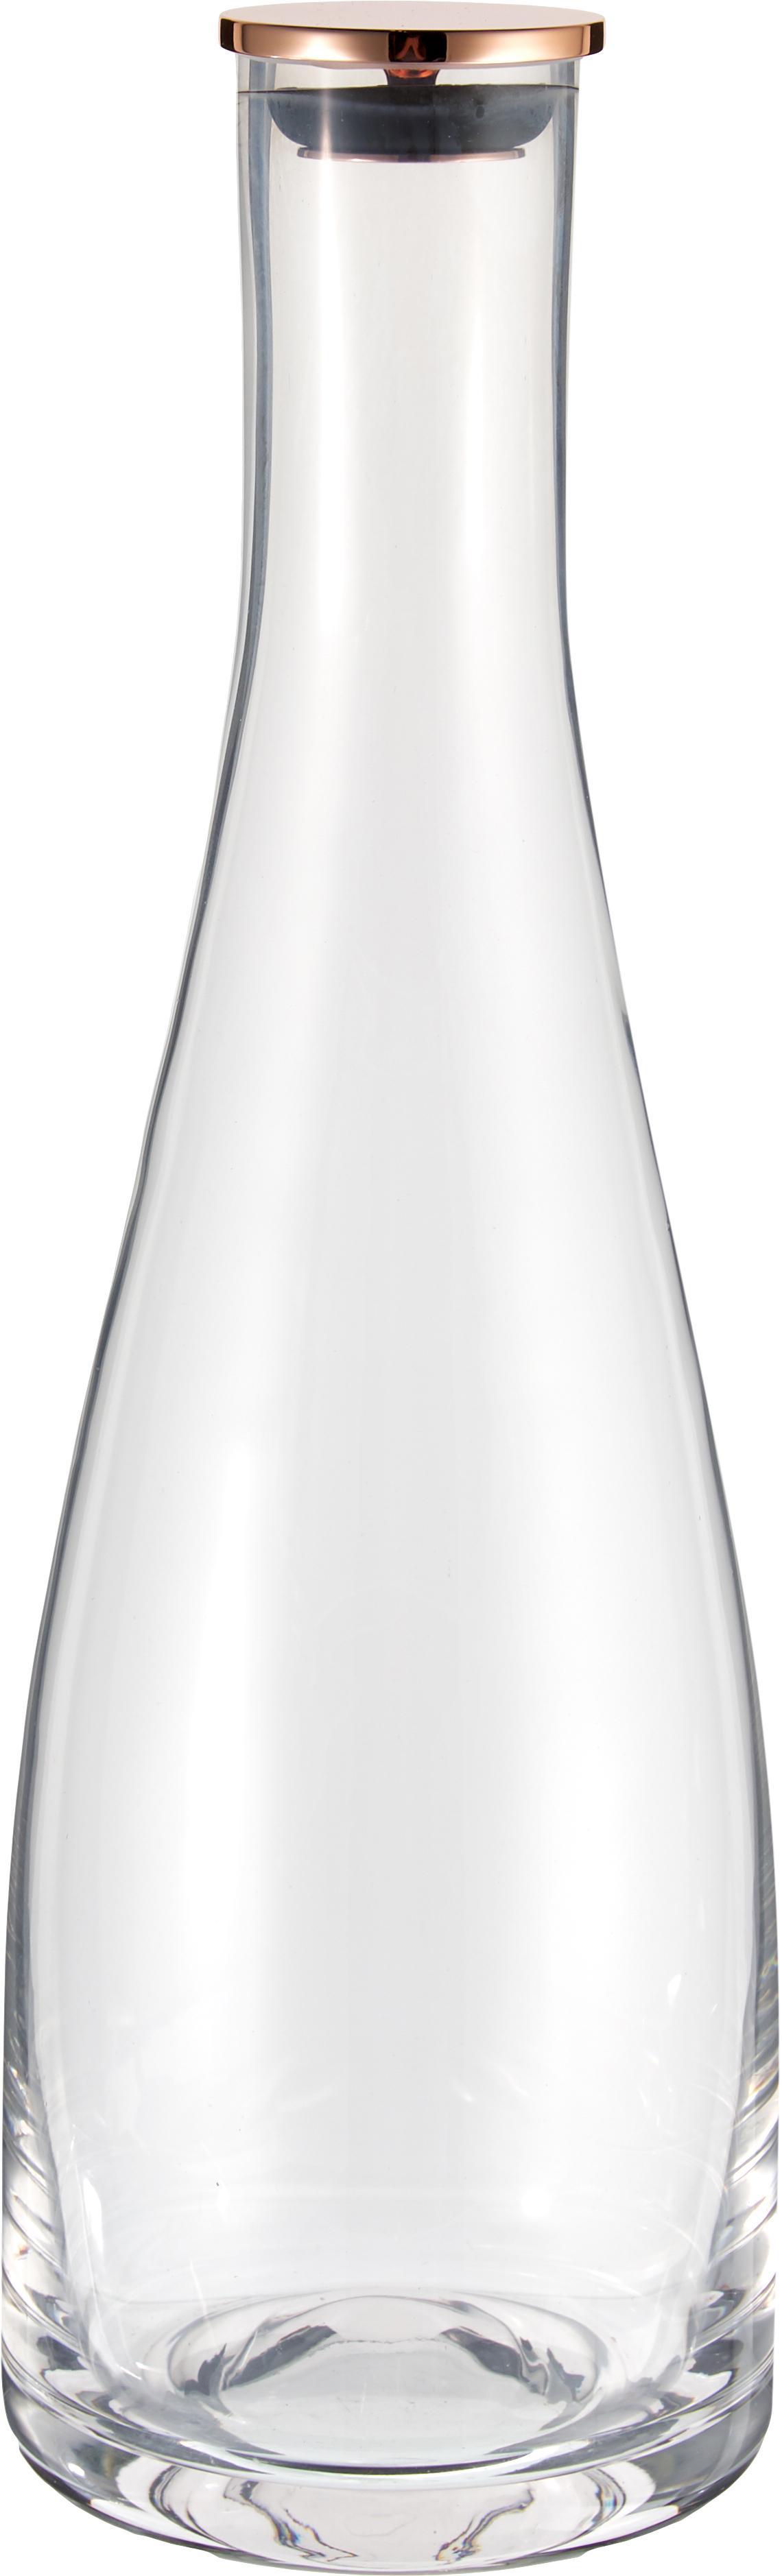 Wasserkaraffe Flow, Glas, Transparent, 1 L